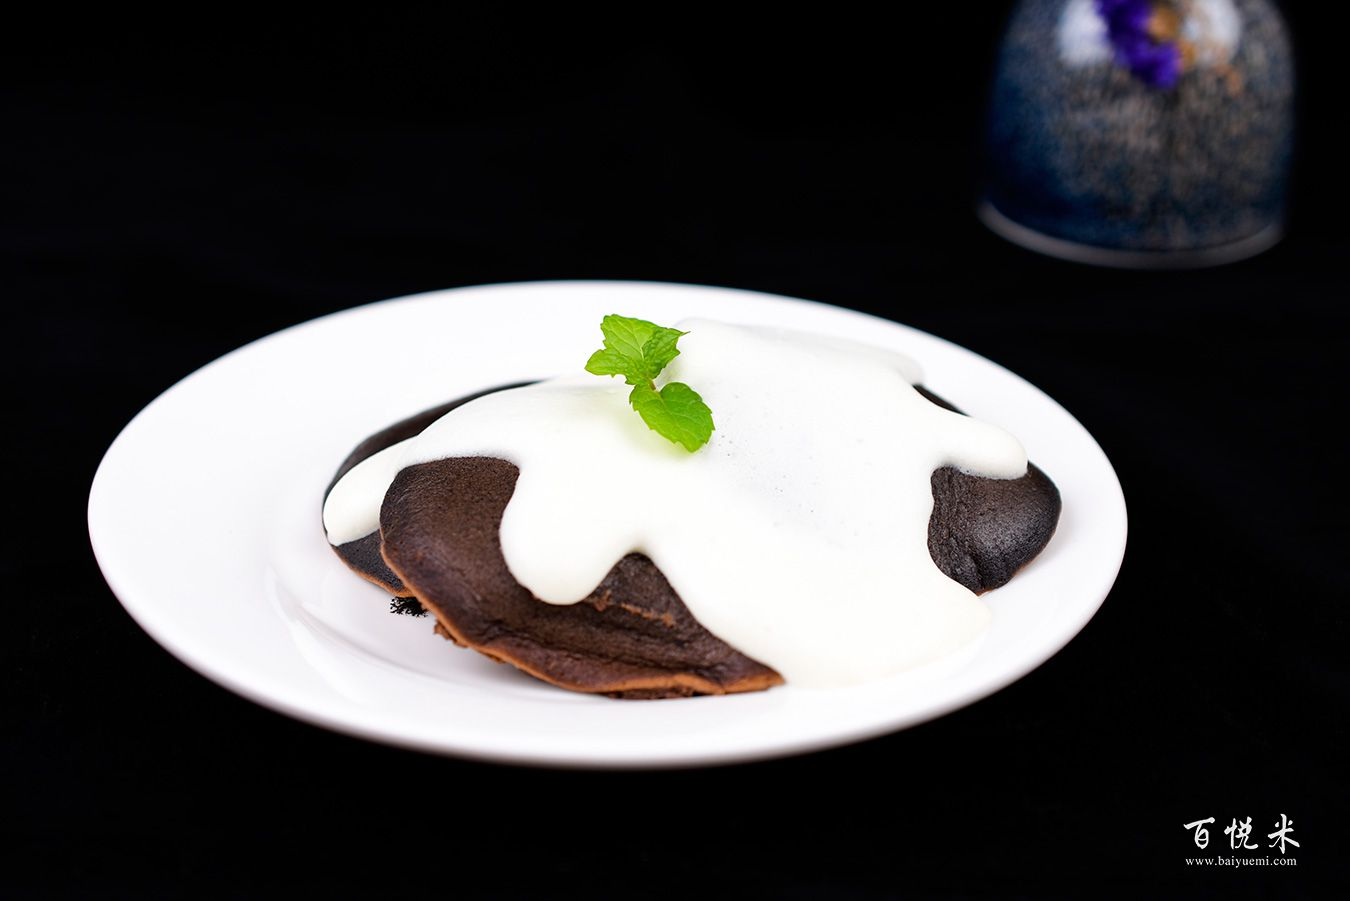 巧克力舒芙蕾高清图片大全【蛋糕图片】_990